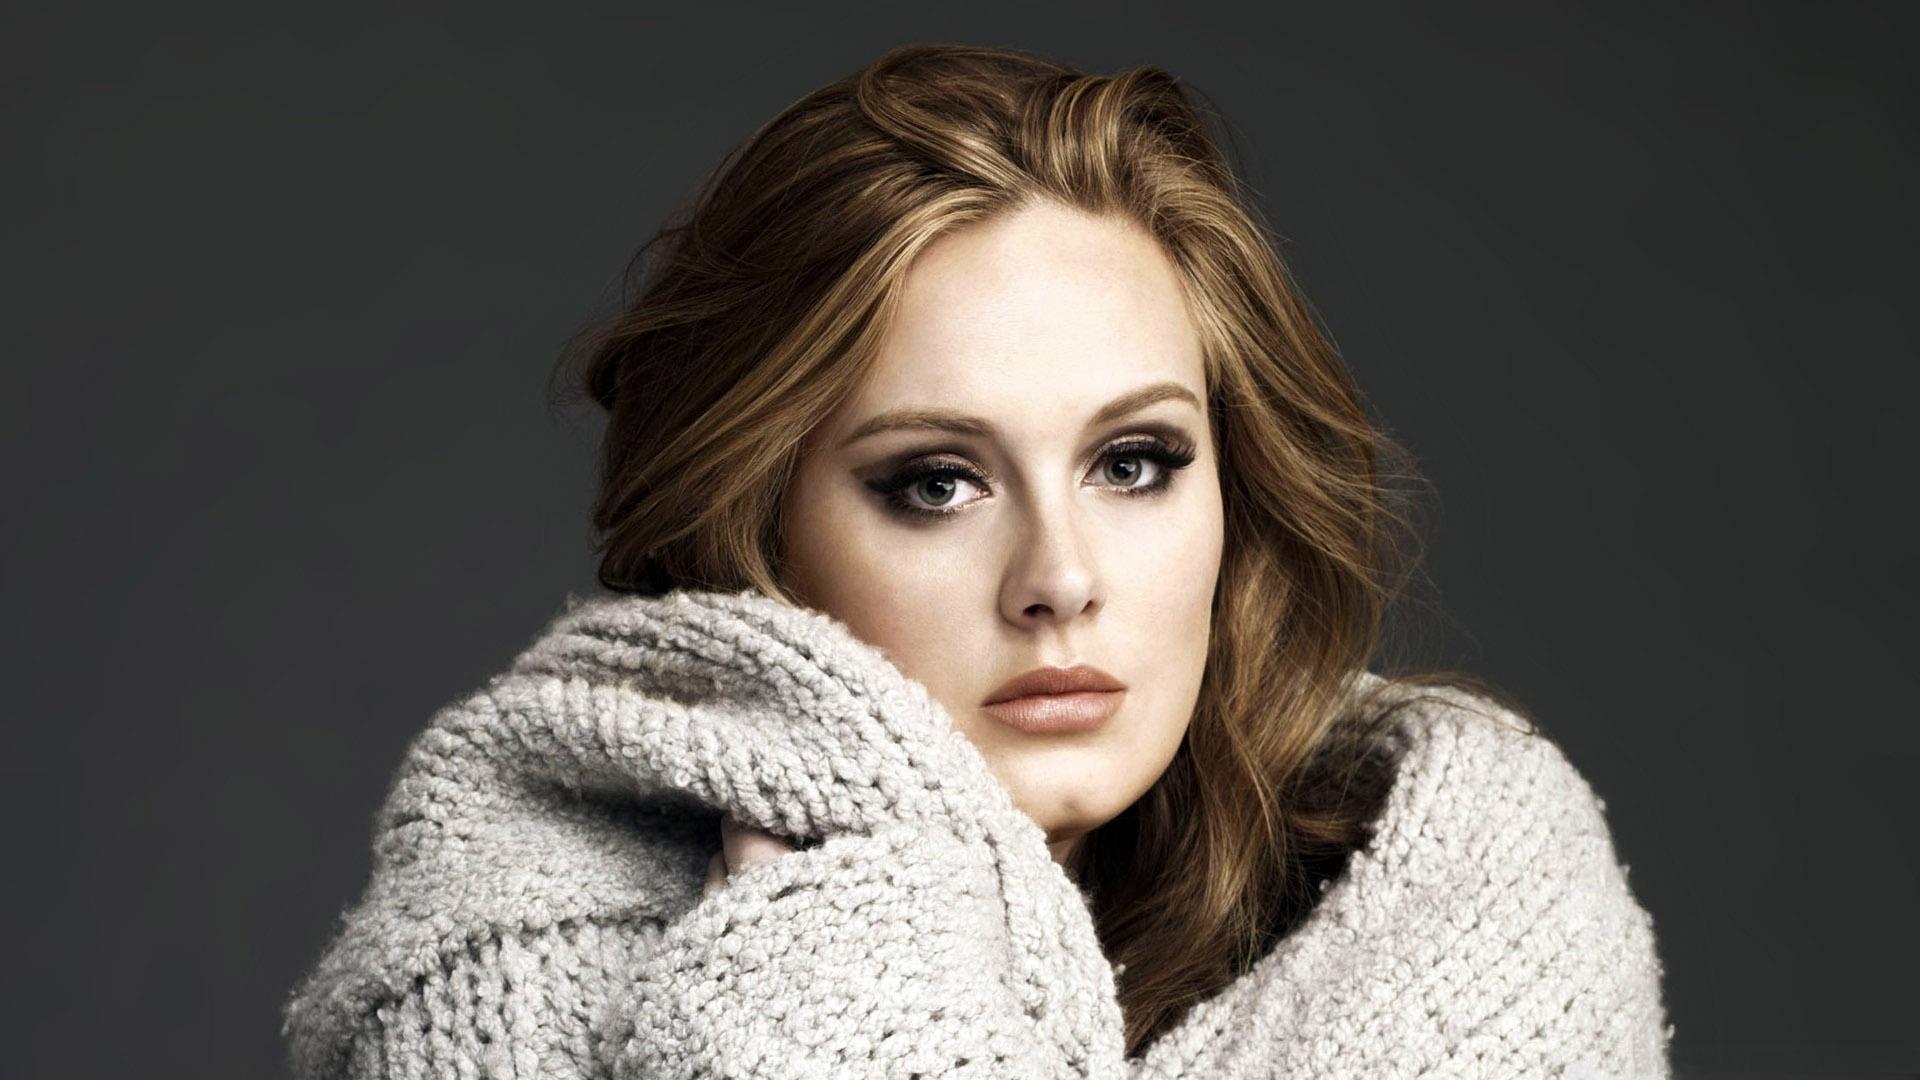 Adele enlouquece ao assistir show de Beyoncé